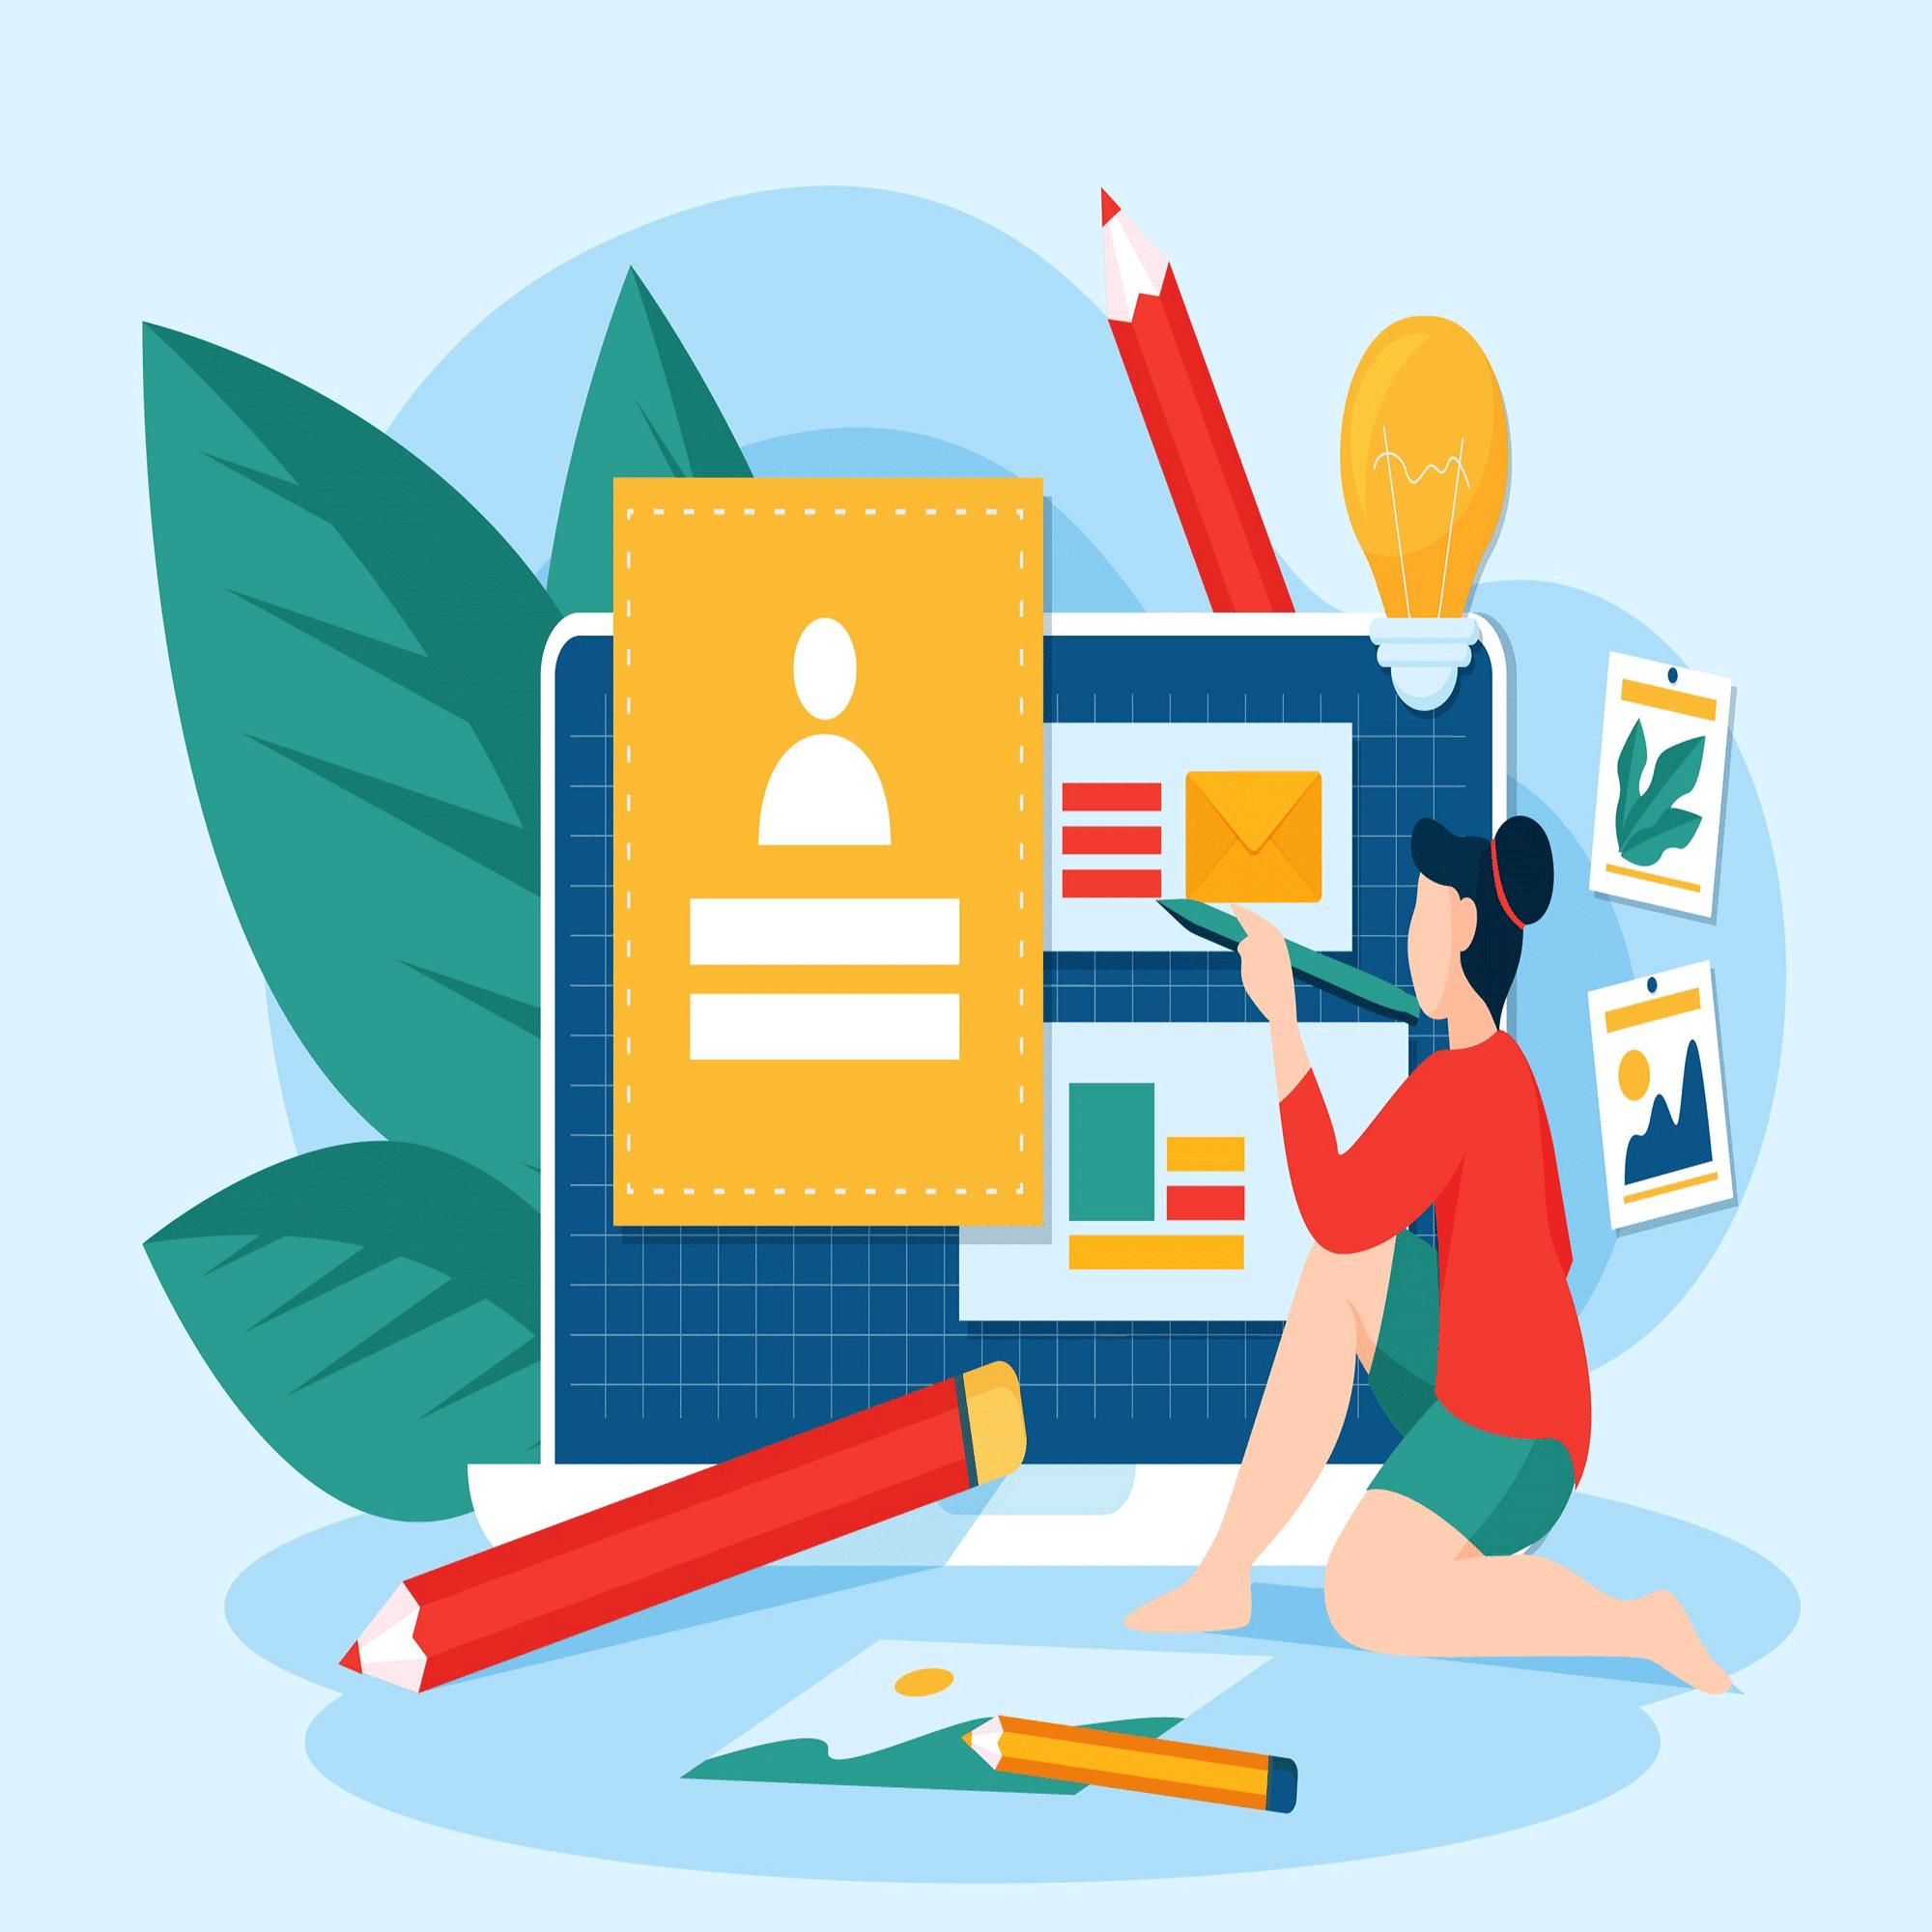 5 دلیل برای لزوم استخدام یک طراح وب حرفه ای